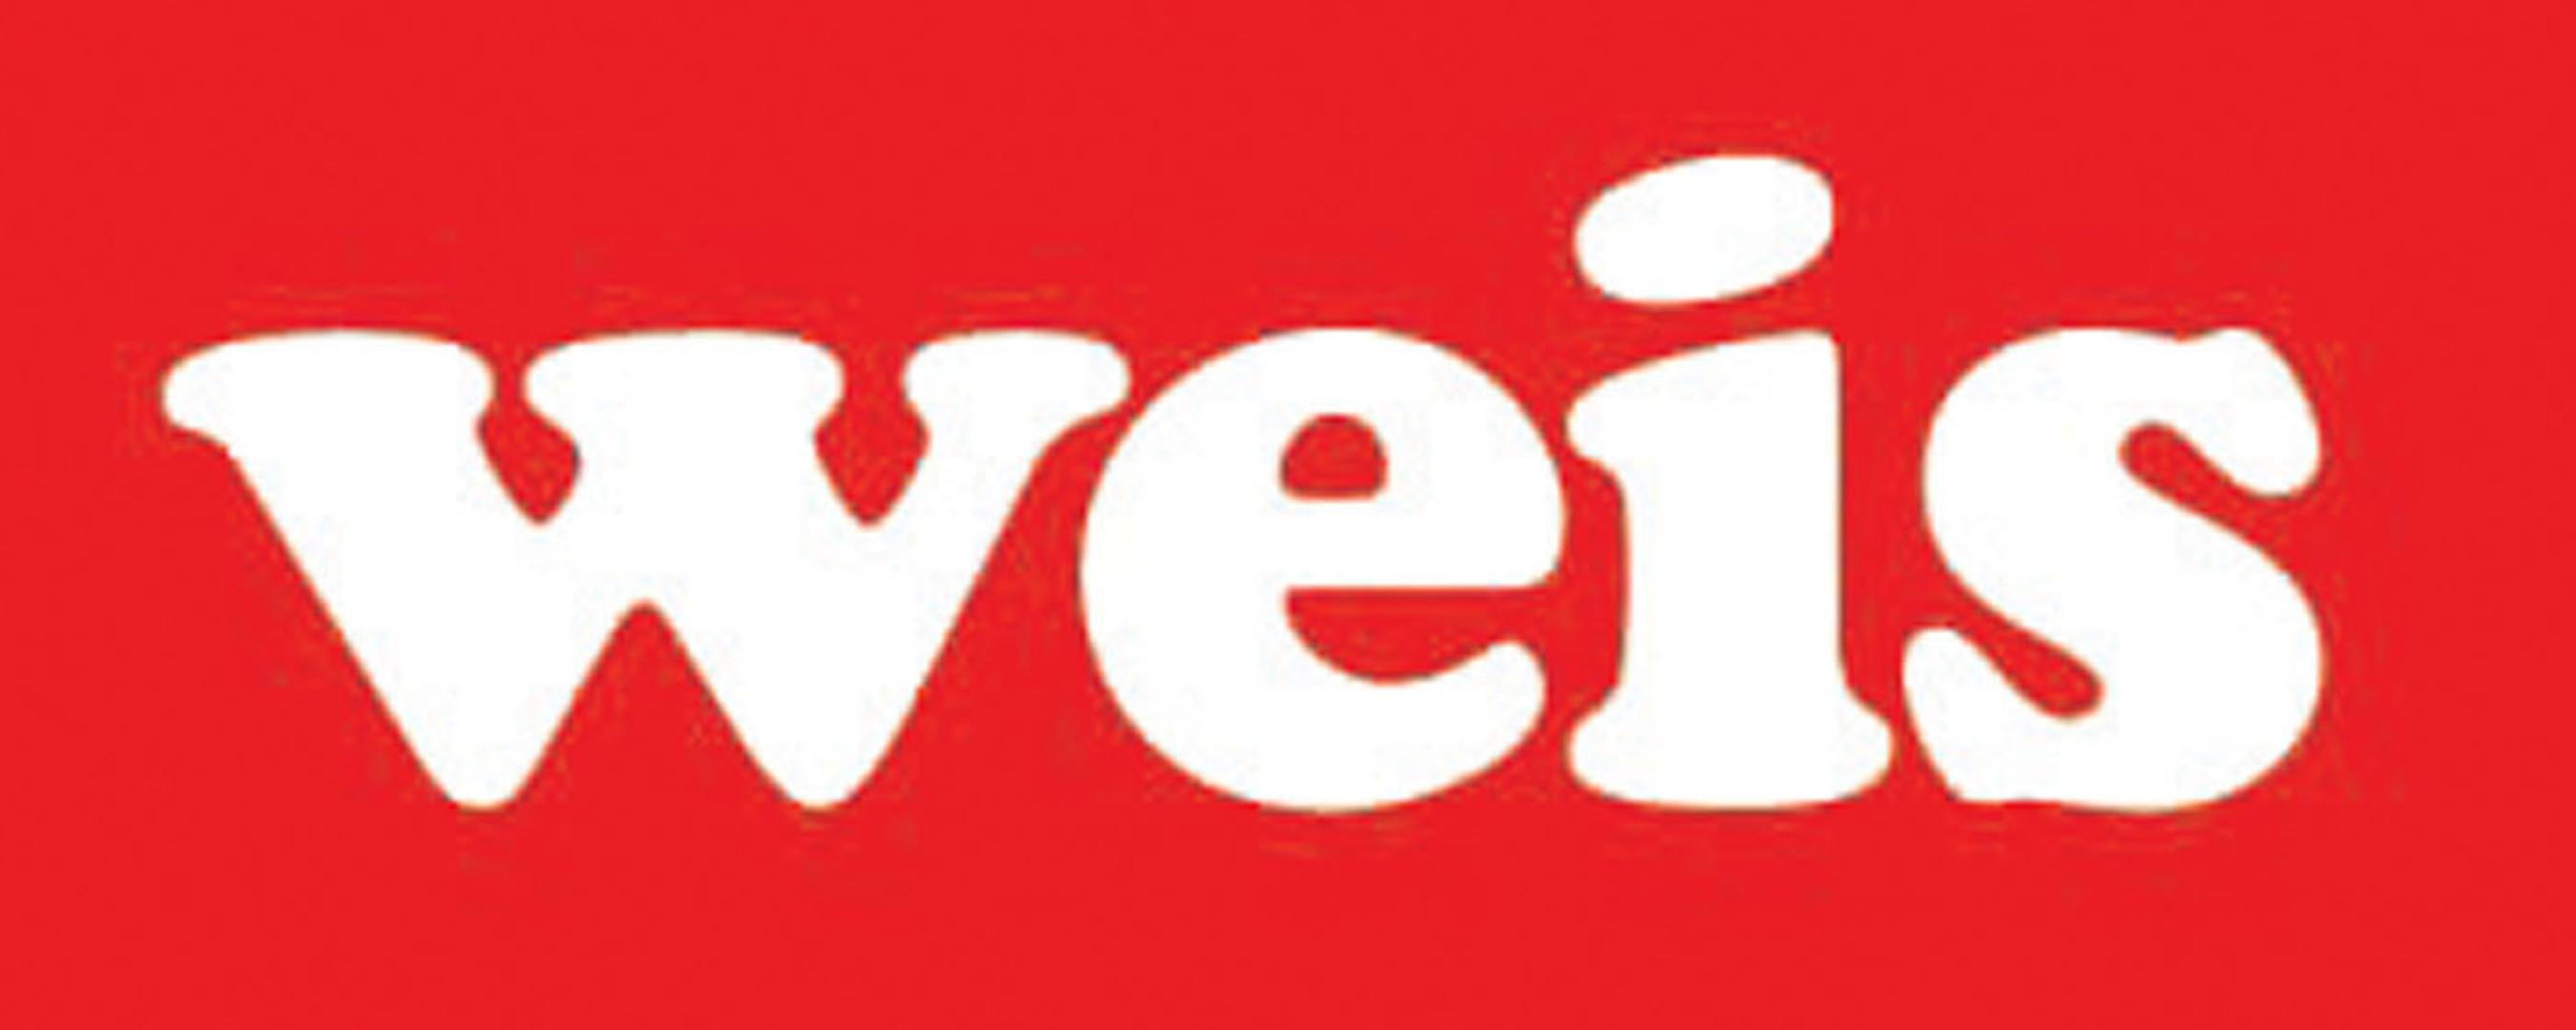 Weis Markets, Inc. logo.